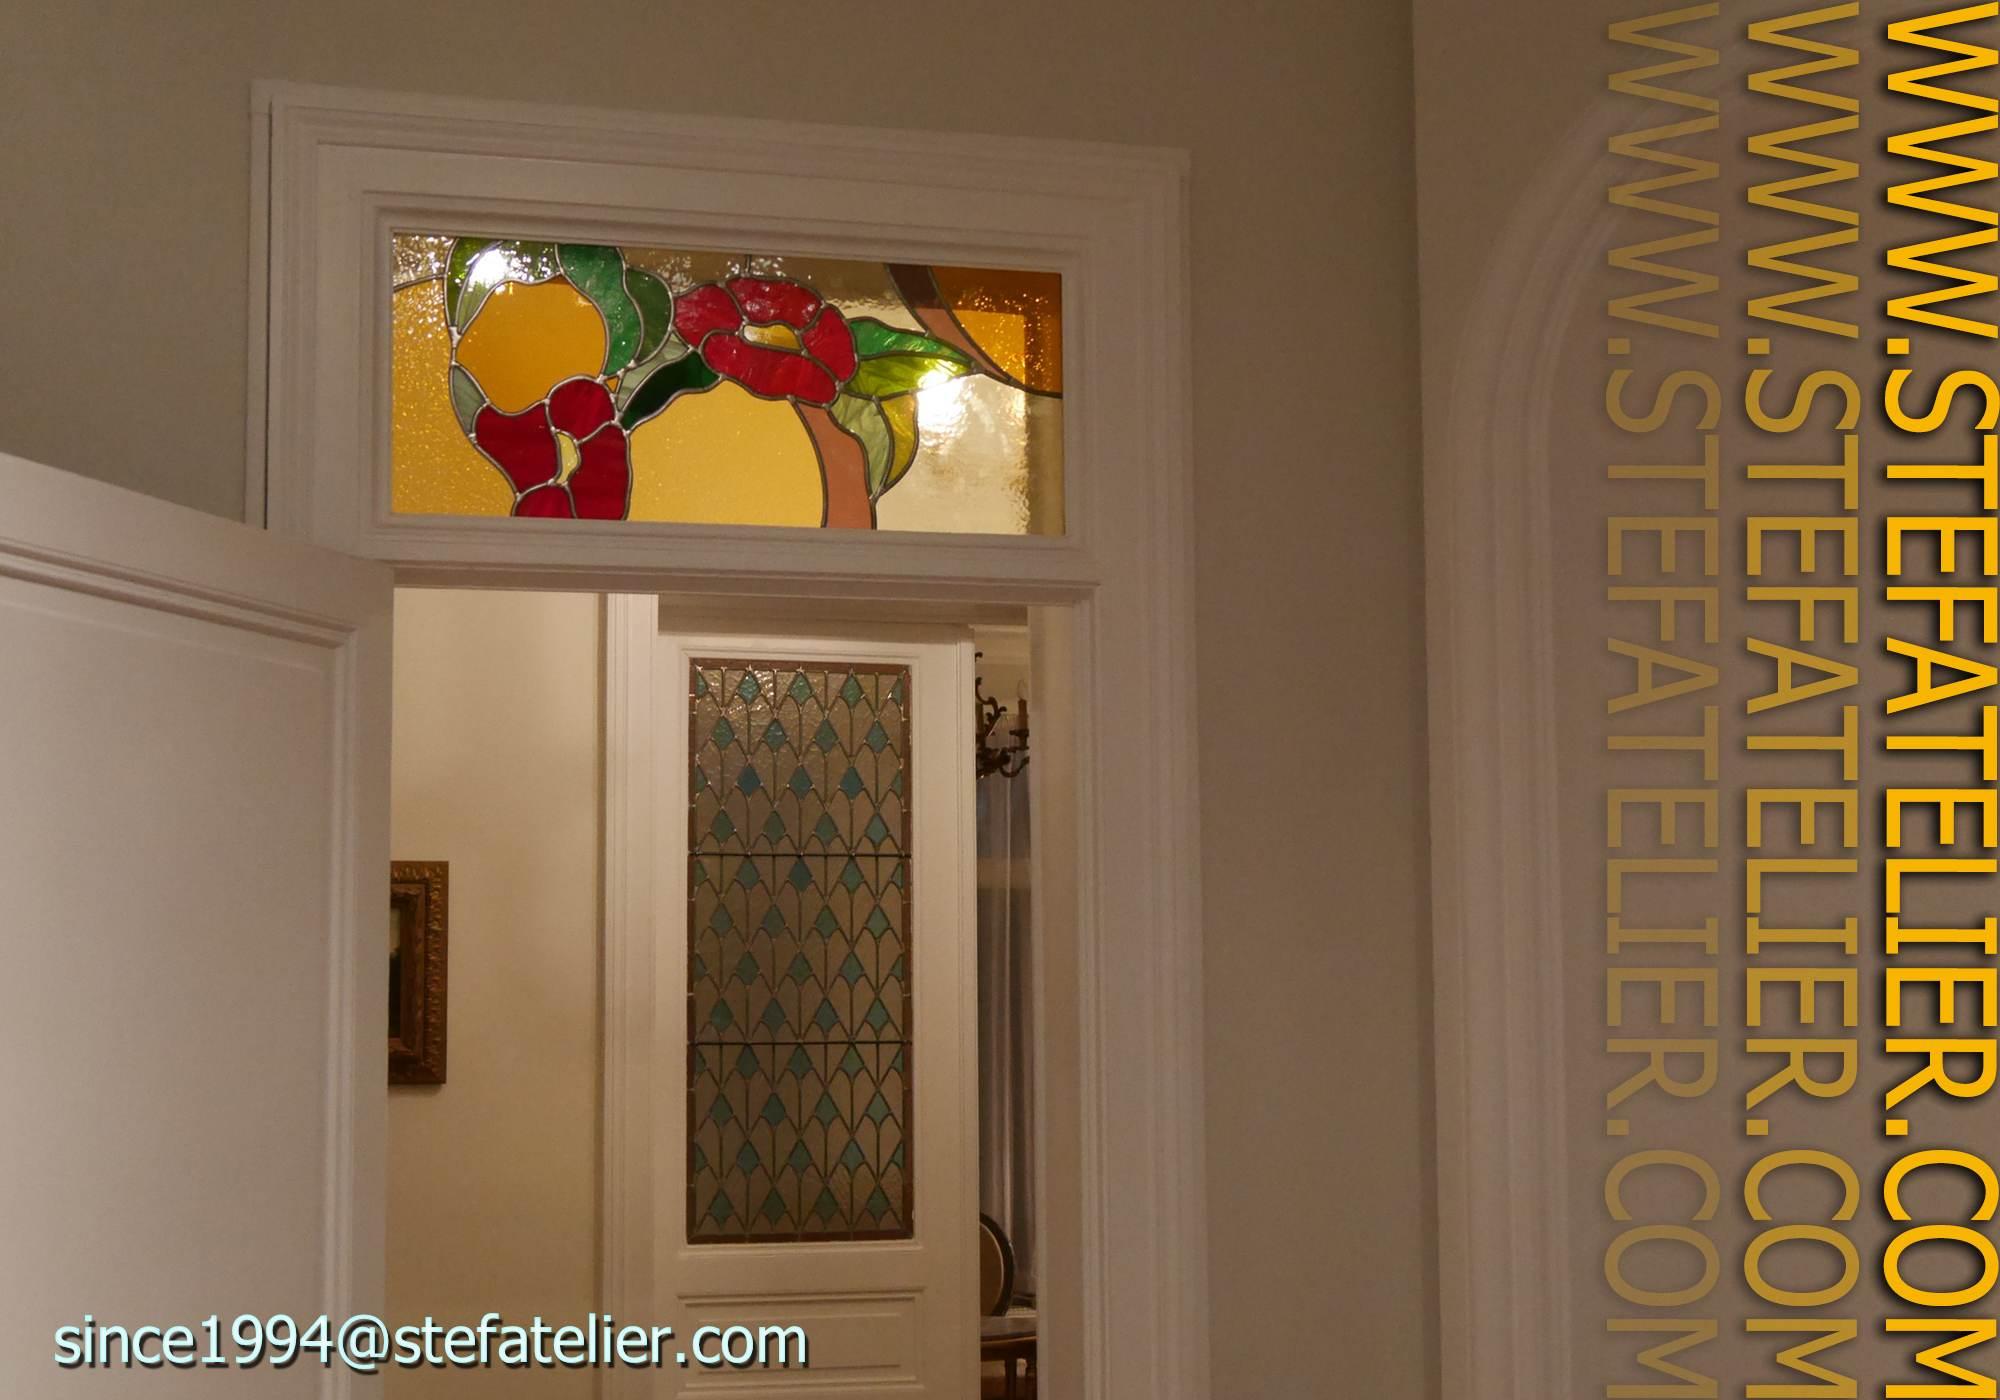 Impostes de portes stef atelier vitraux d art for Fenetre imposte